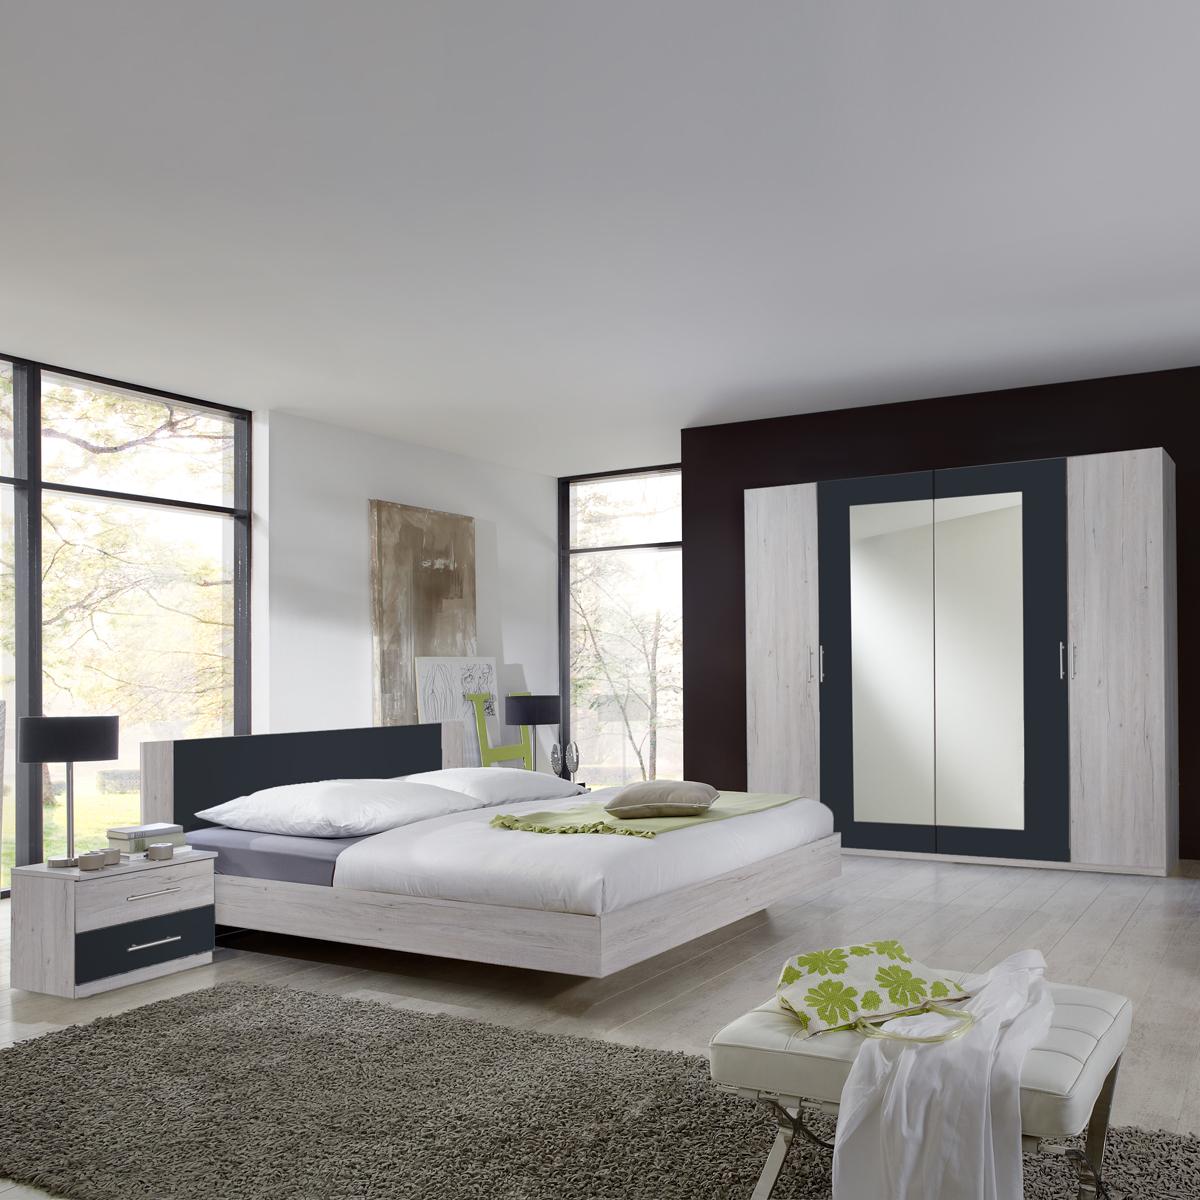 Schlafzimmer franziska weißeiche anthrazit bett schrank ...